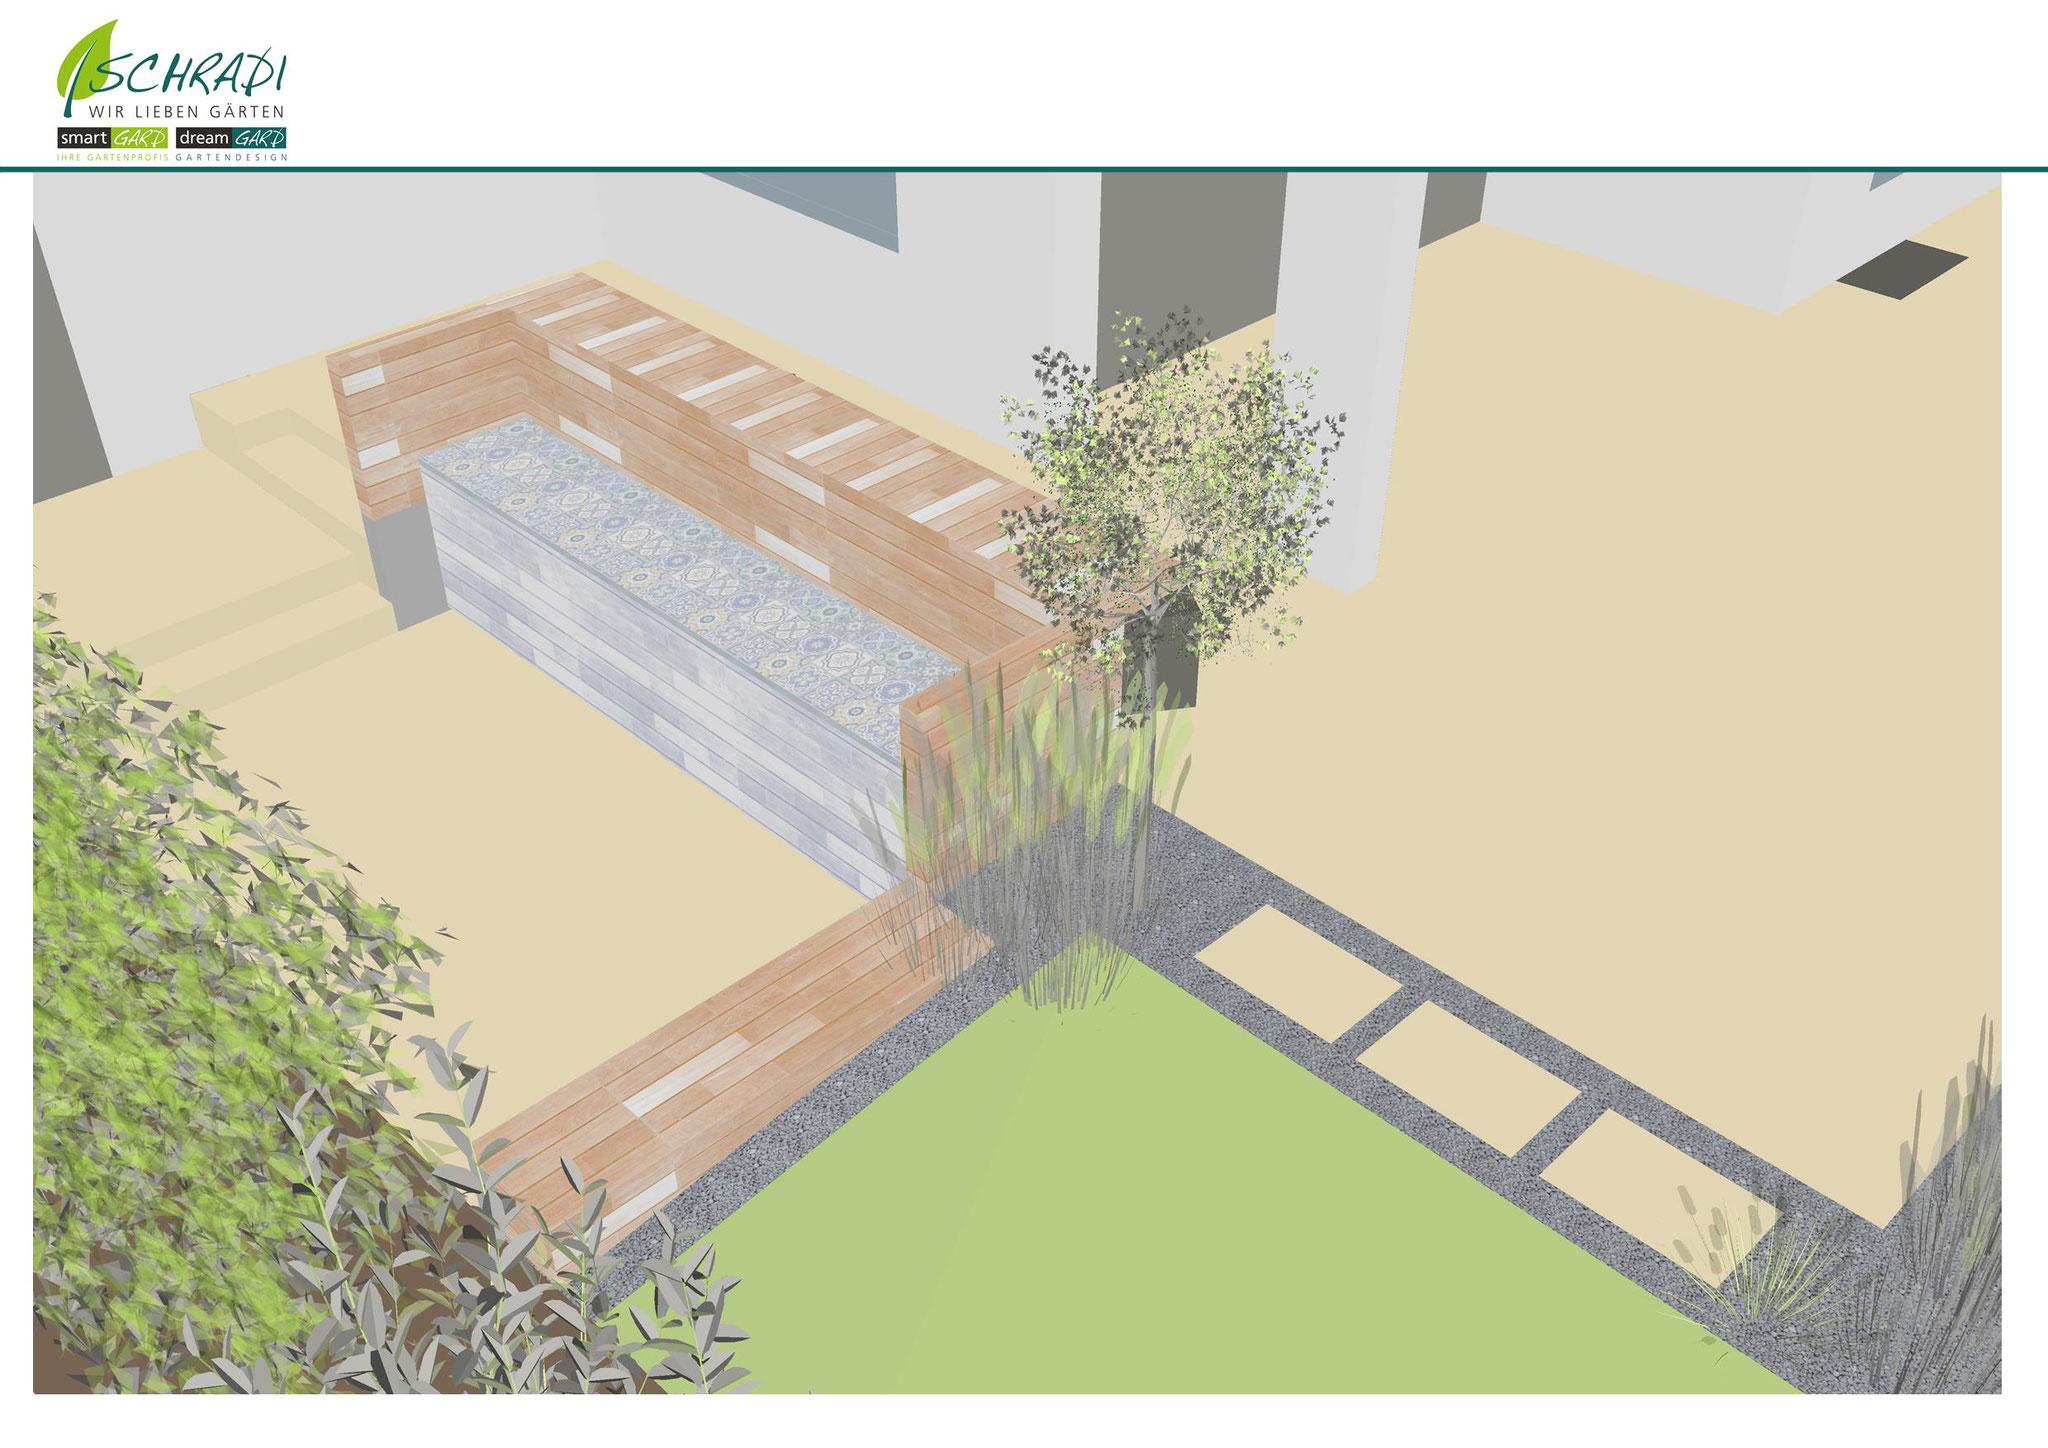 Gartengestaltung mit Naturstein und Feinsteinzeug